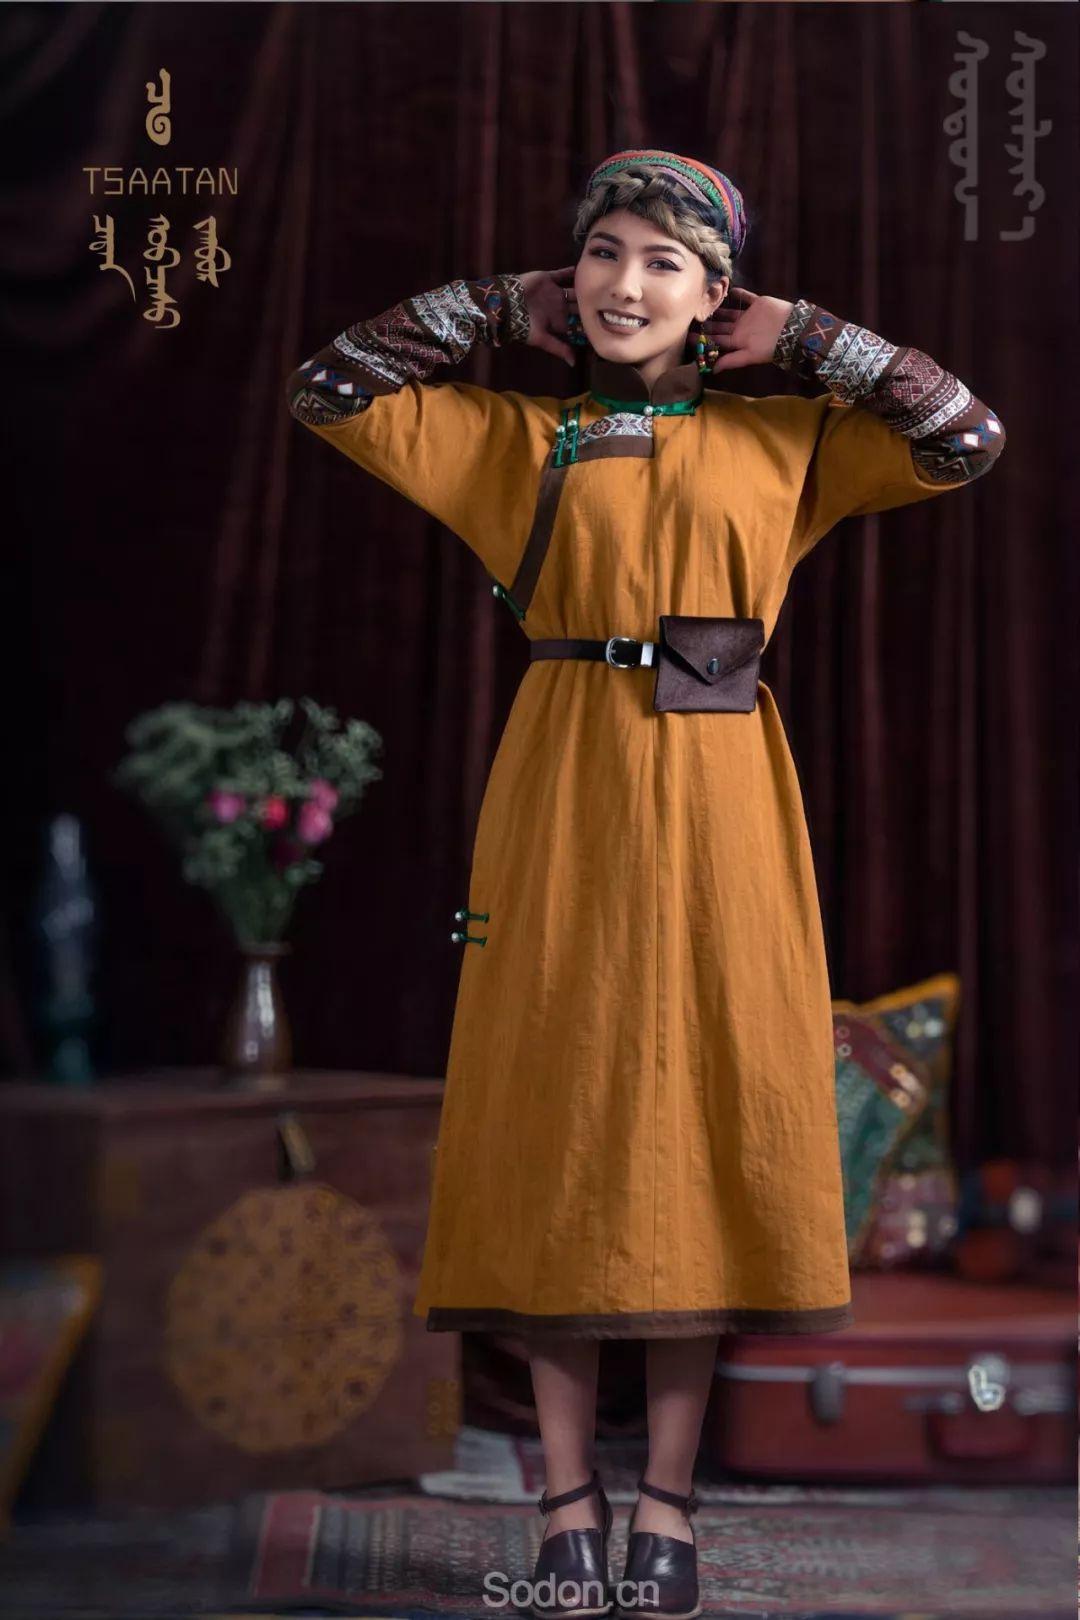 TSAATAN蒙古时装秋冬系列,来自驯鹿人的独特魅力! 第56张 TSAATAN蒙古时装秋冬系列,来自驯鹿人的独特魅力! 蒙古服饰